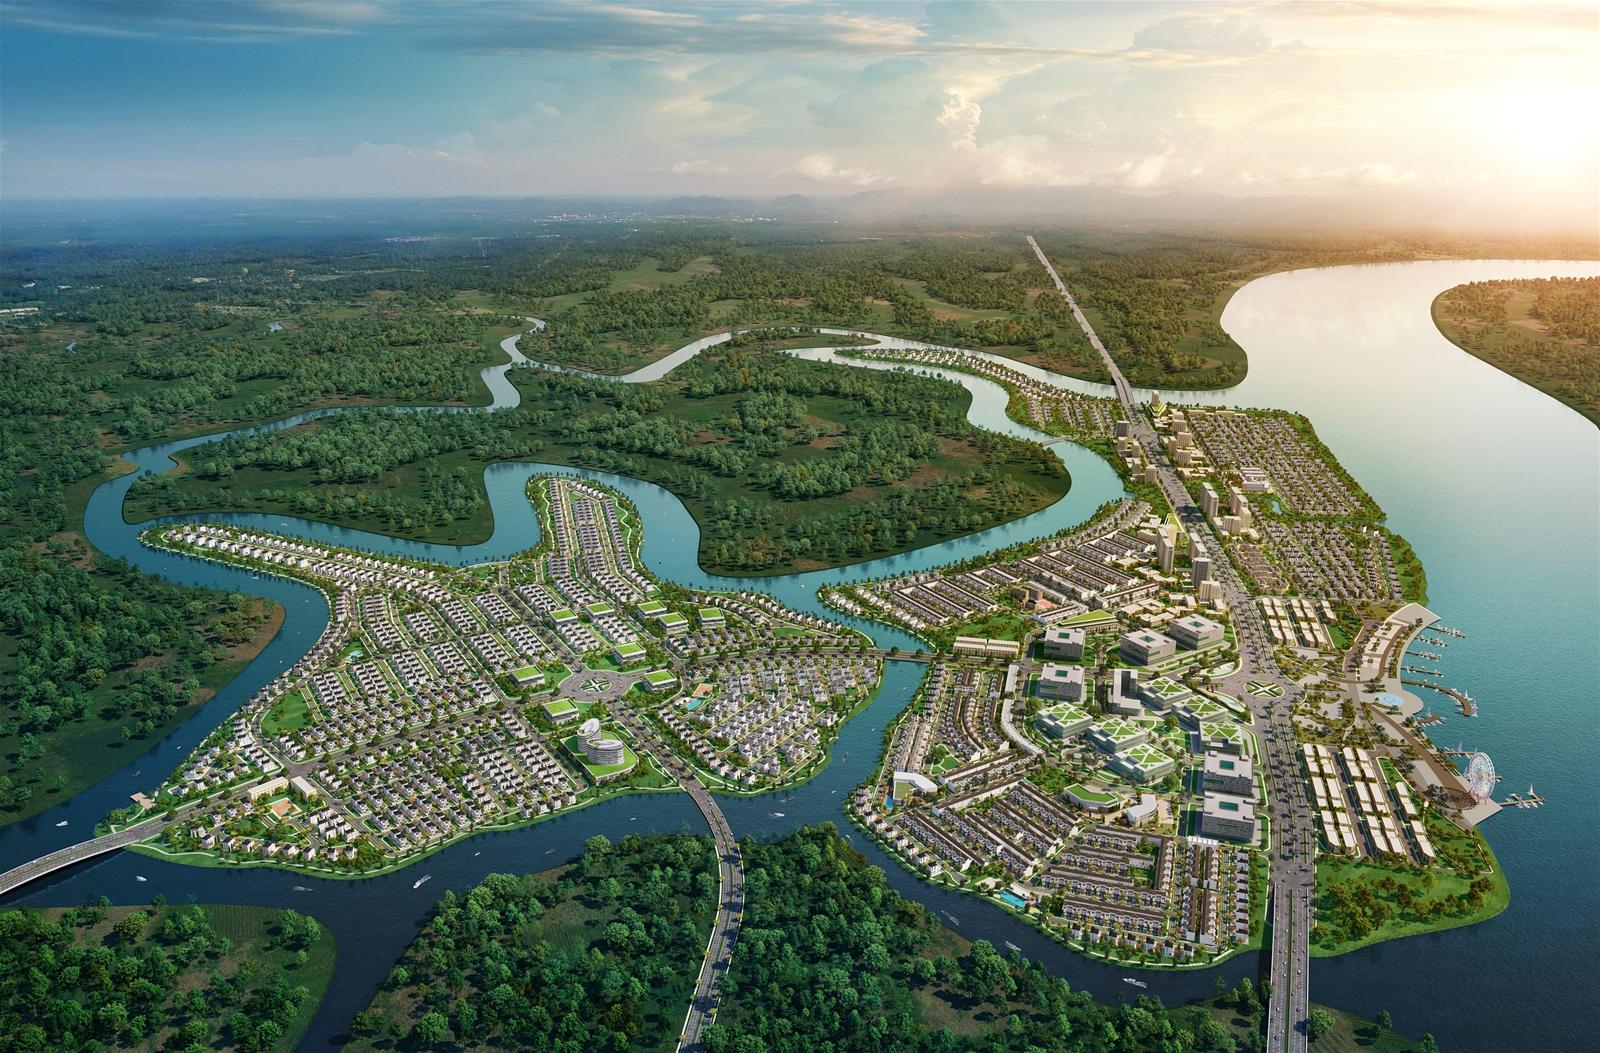 Thị trường bất động sản: Tâm điểm đầu tư cuối năm 2019 đang đổ về Đồng Nai